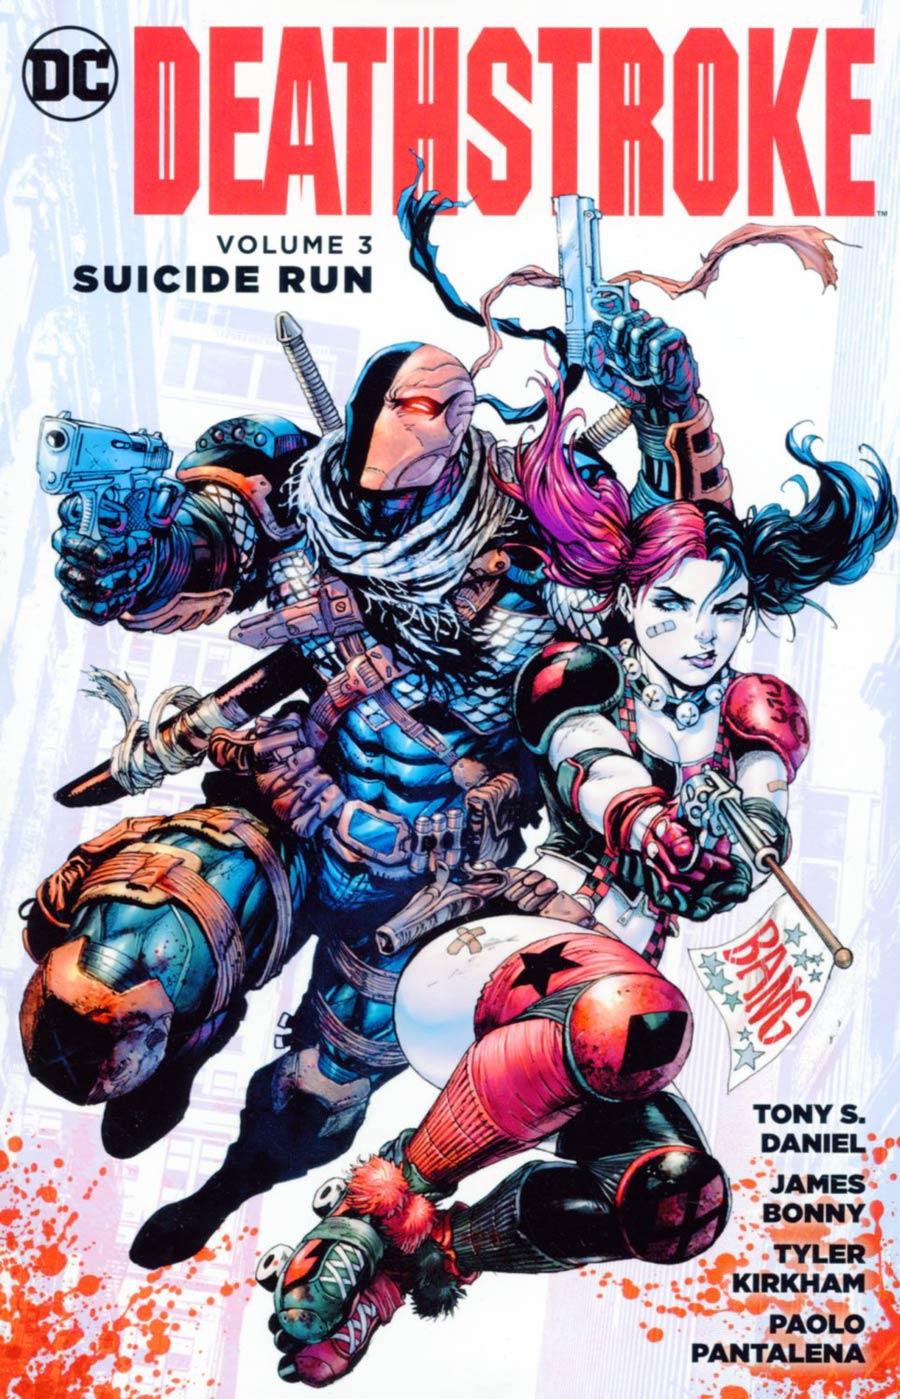 Deathstroke (New 52) Vol 3 Suicide Run TP